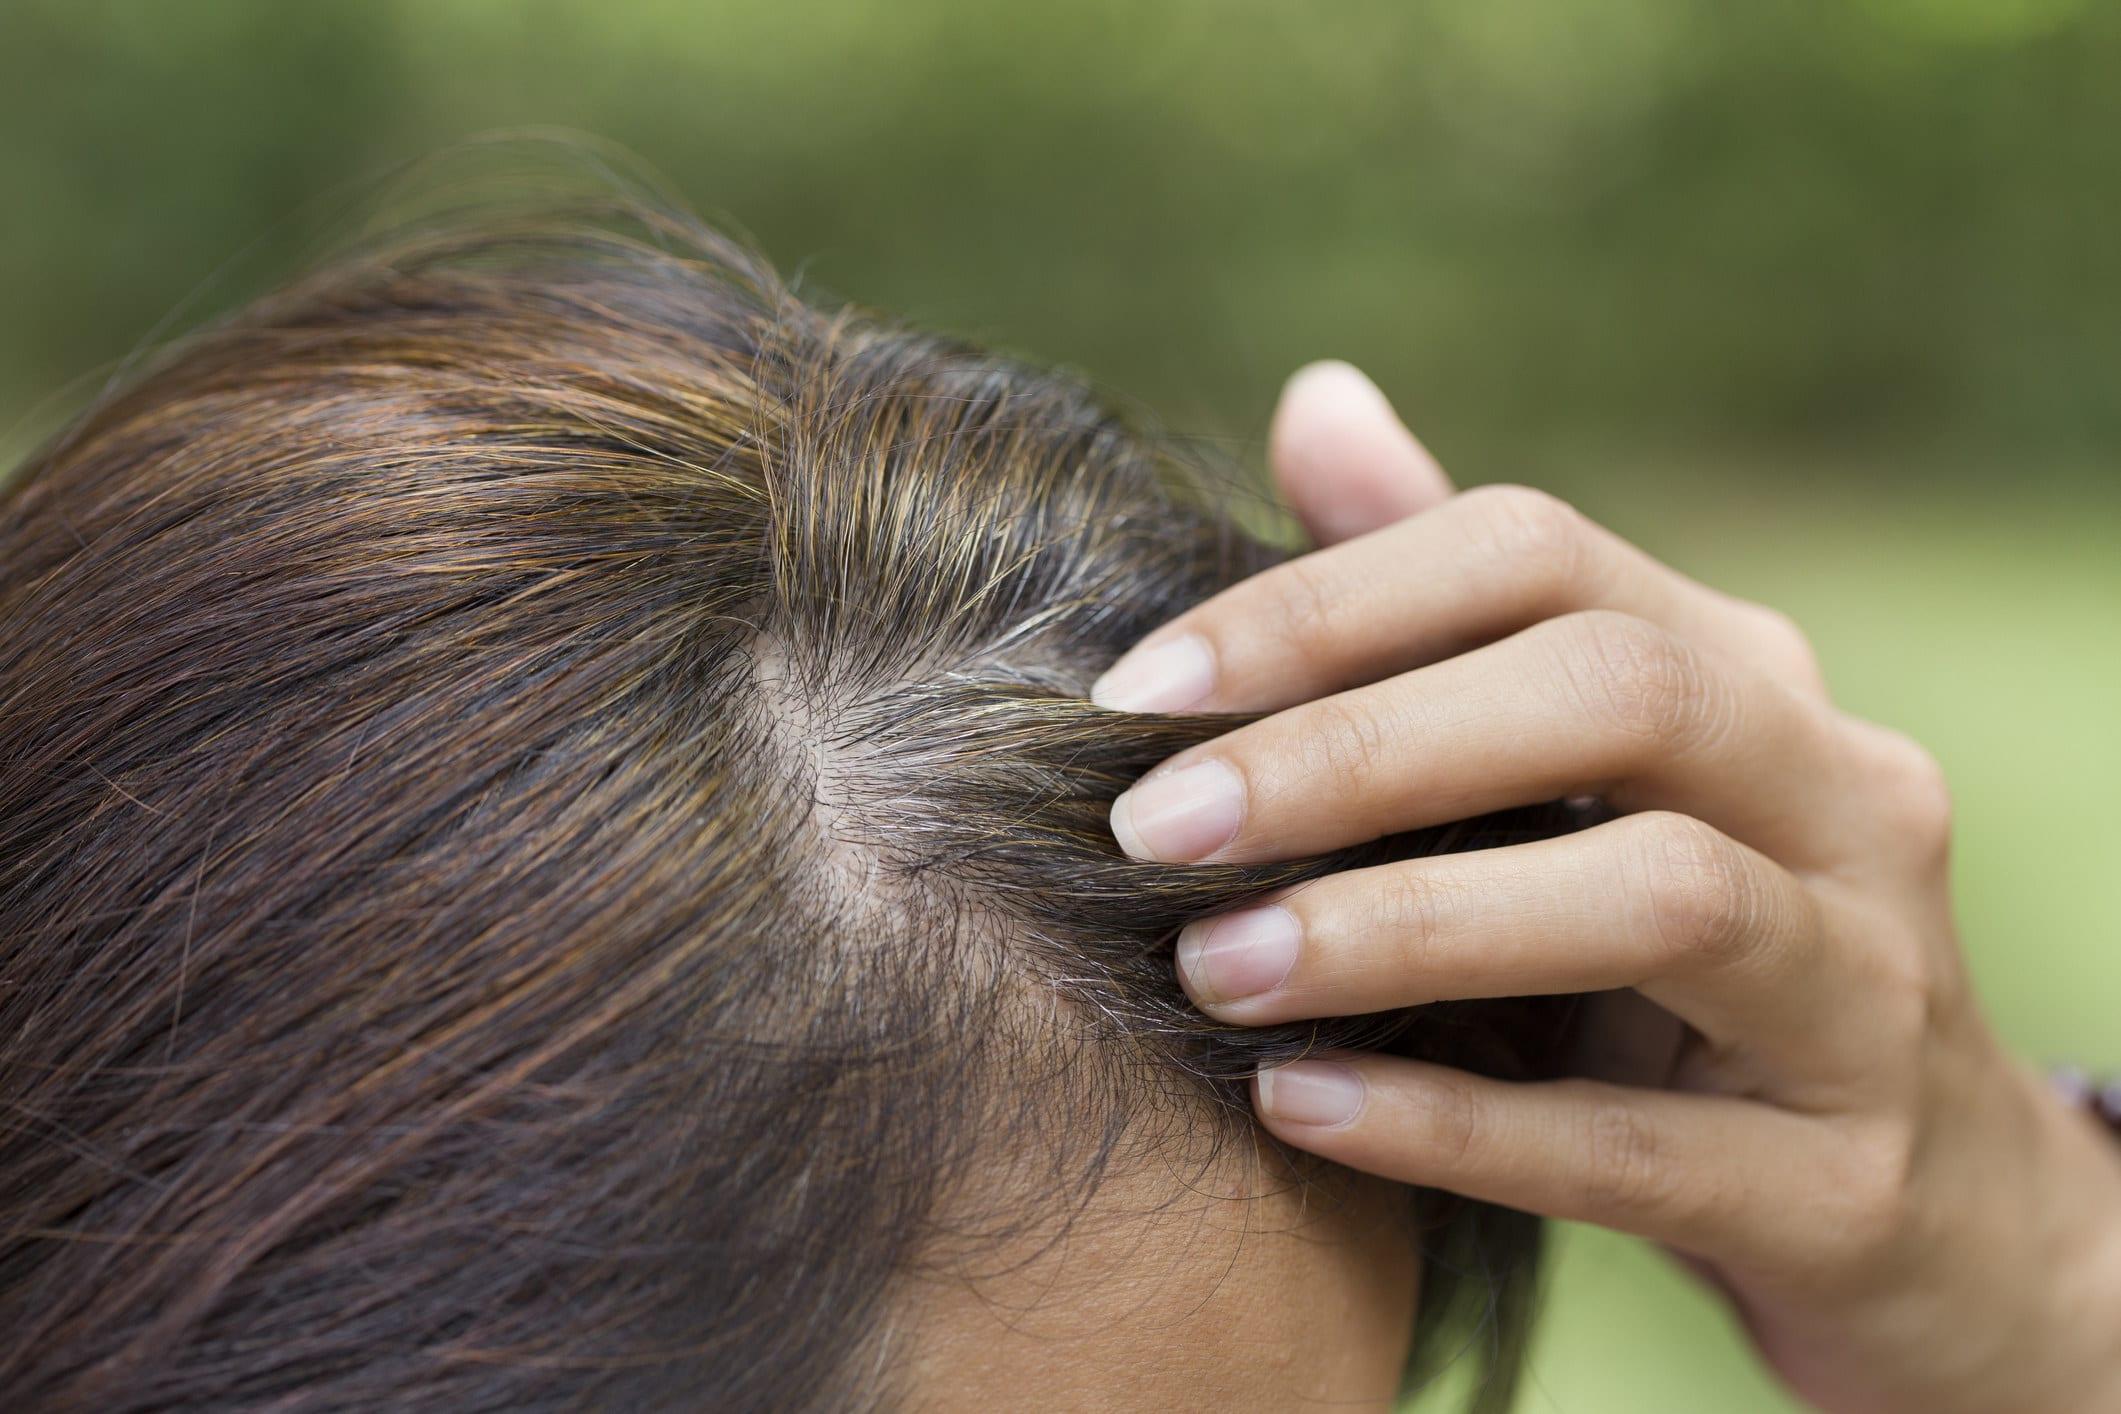 Mão passando o cabelo no couro cabeludo